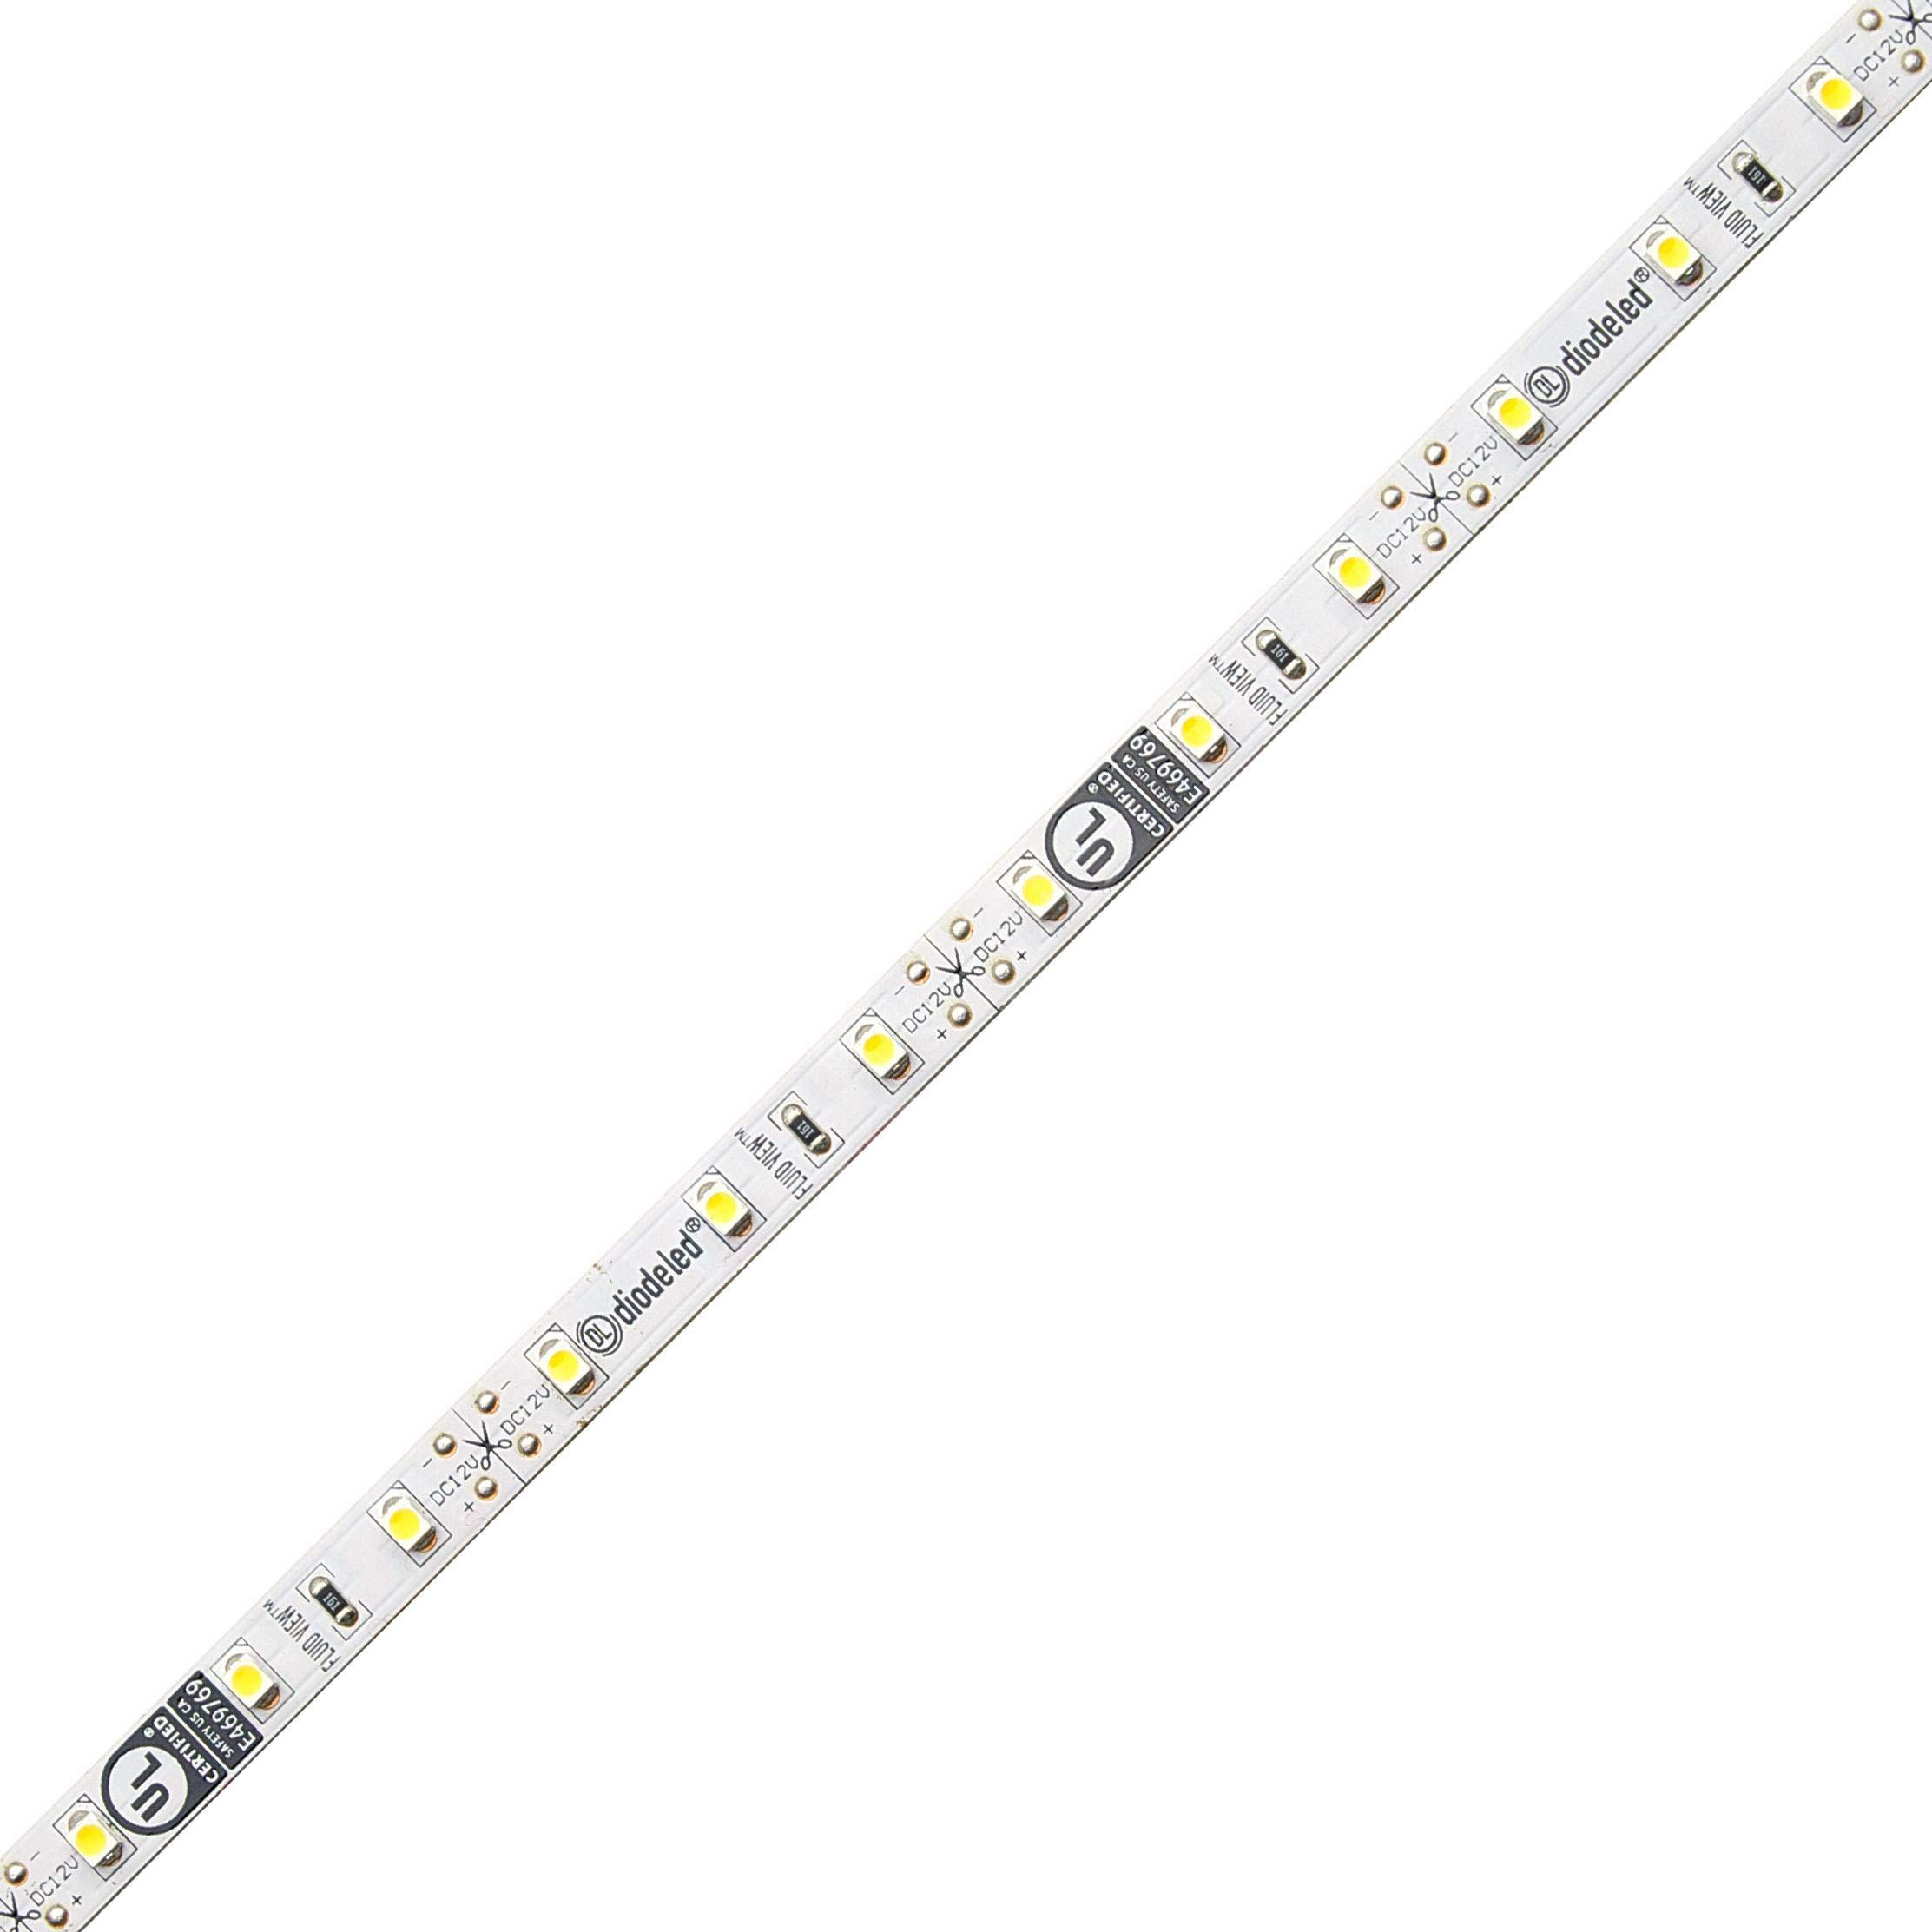 Diode LED Fluid View 12V LED Tape Light 80 CRI 2850K 16.4ft 1.44W/ft